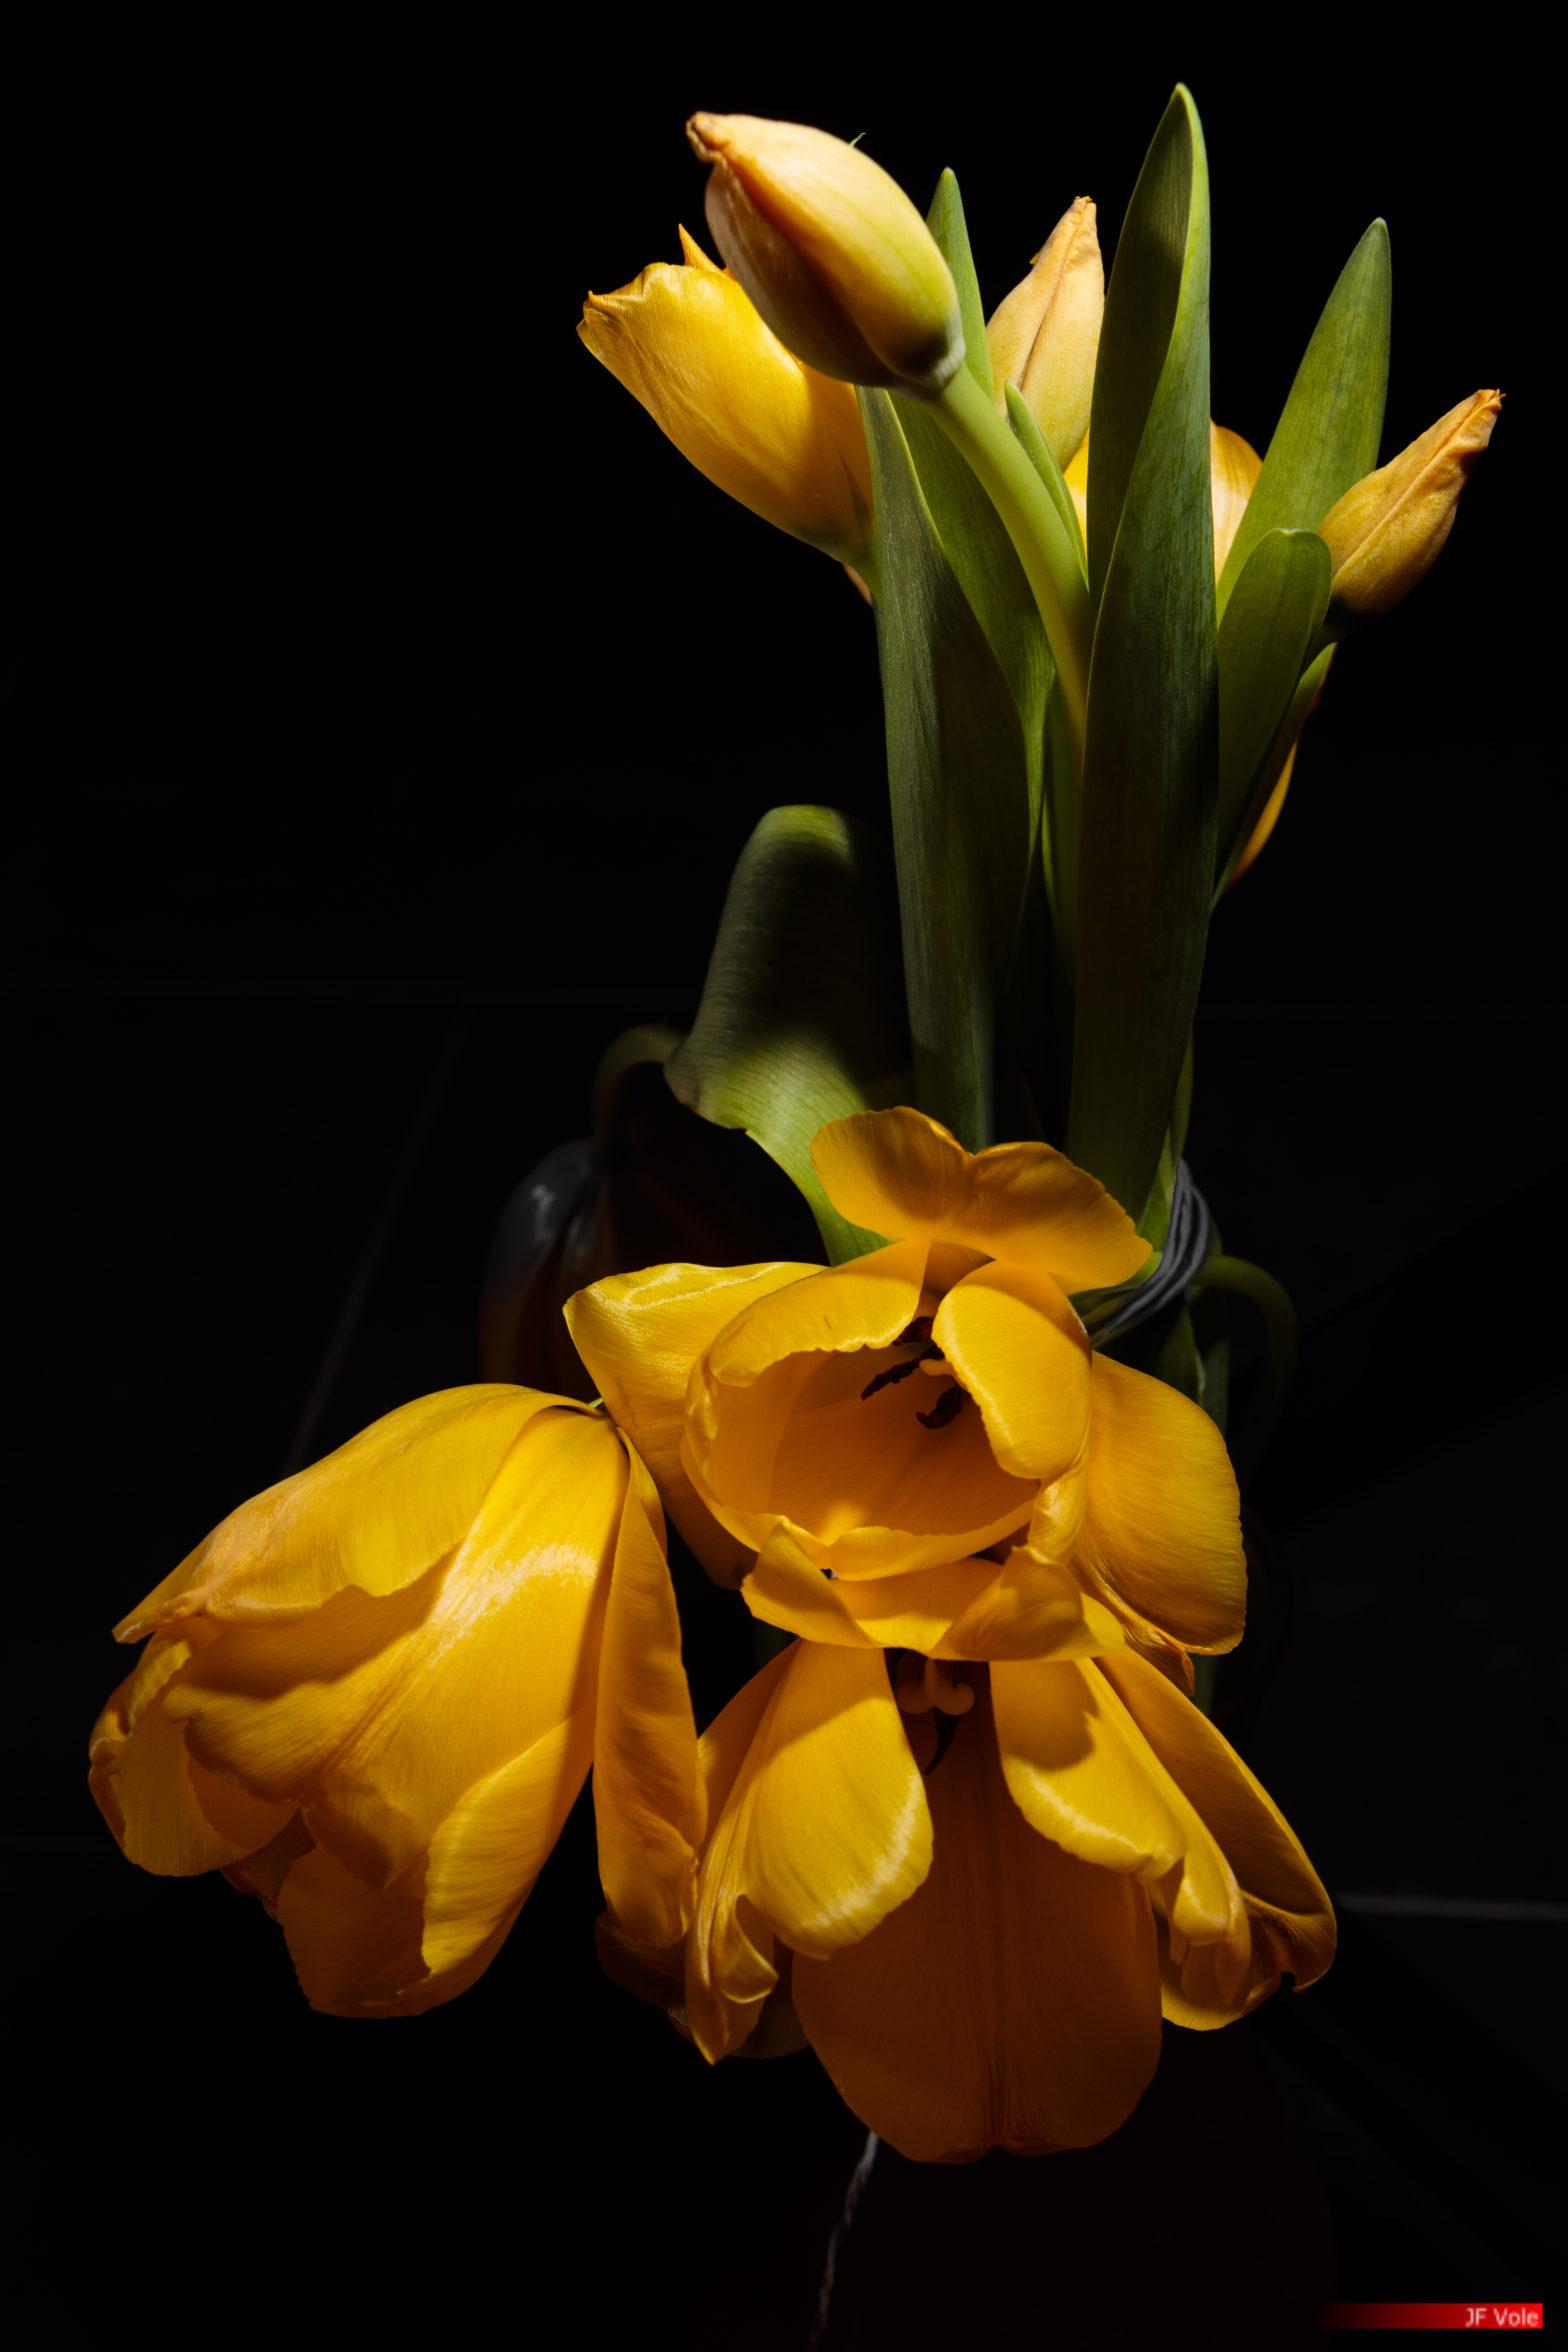 Derrière les tulipes jaunes